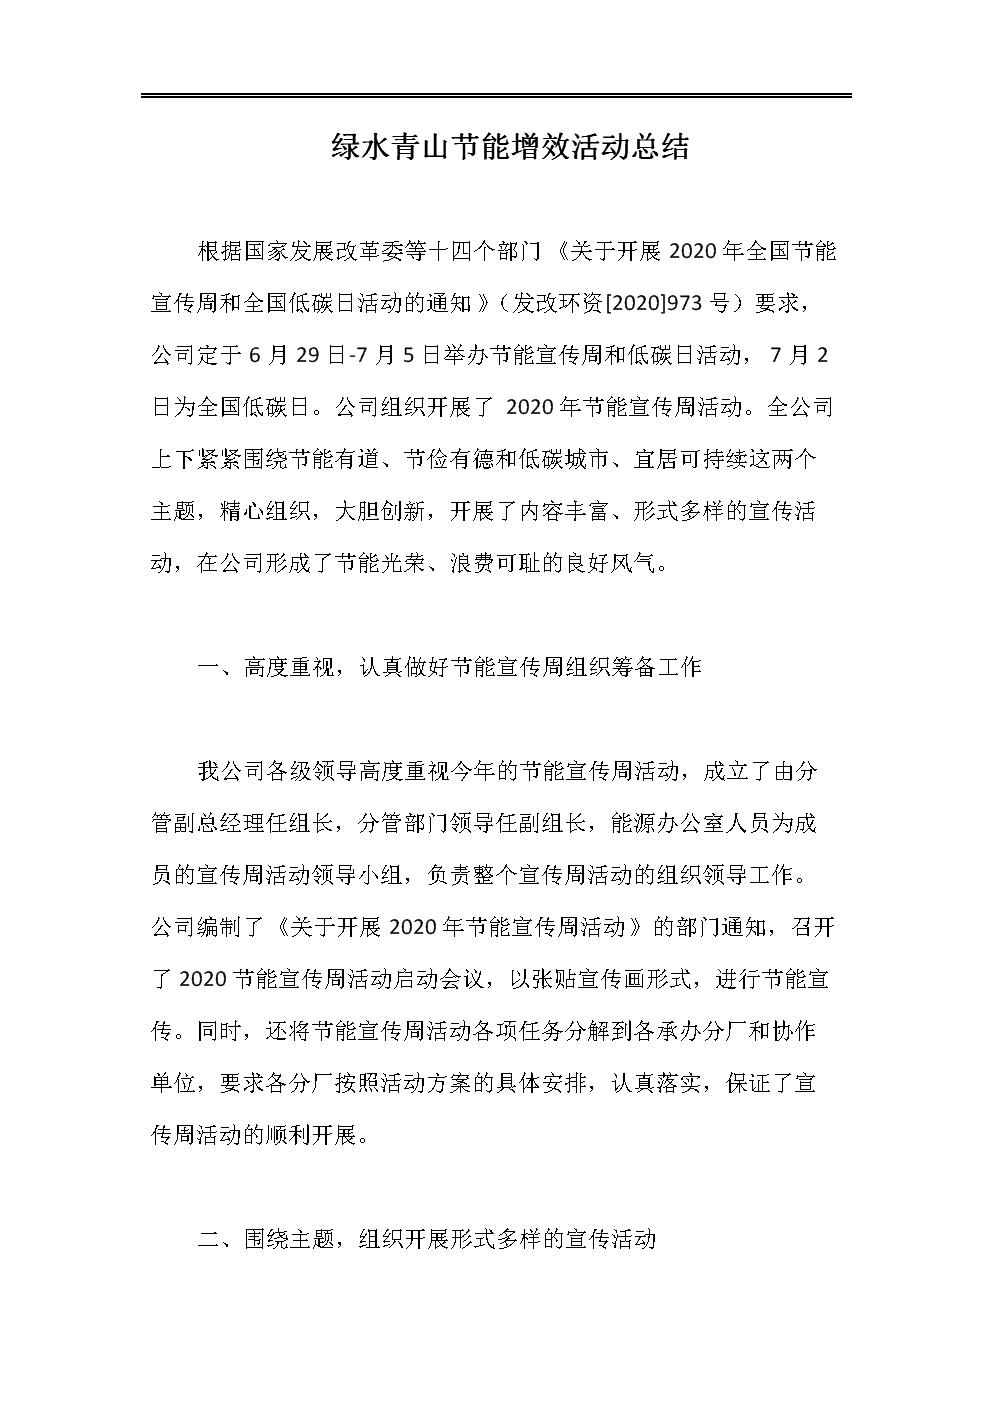 绿水青山节能增效活动总结.doc